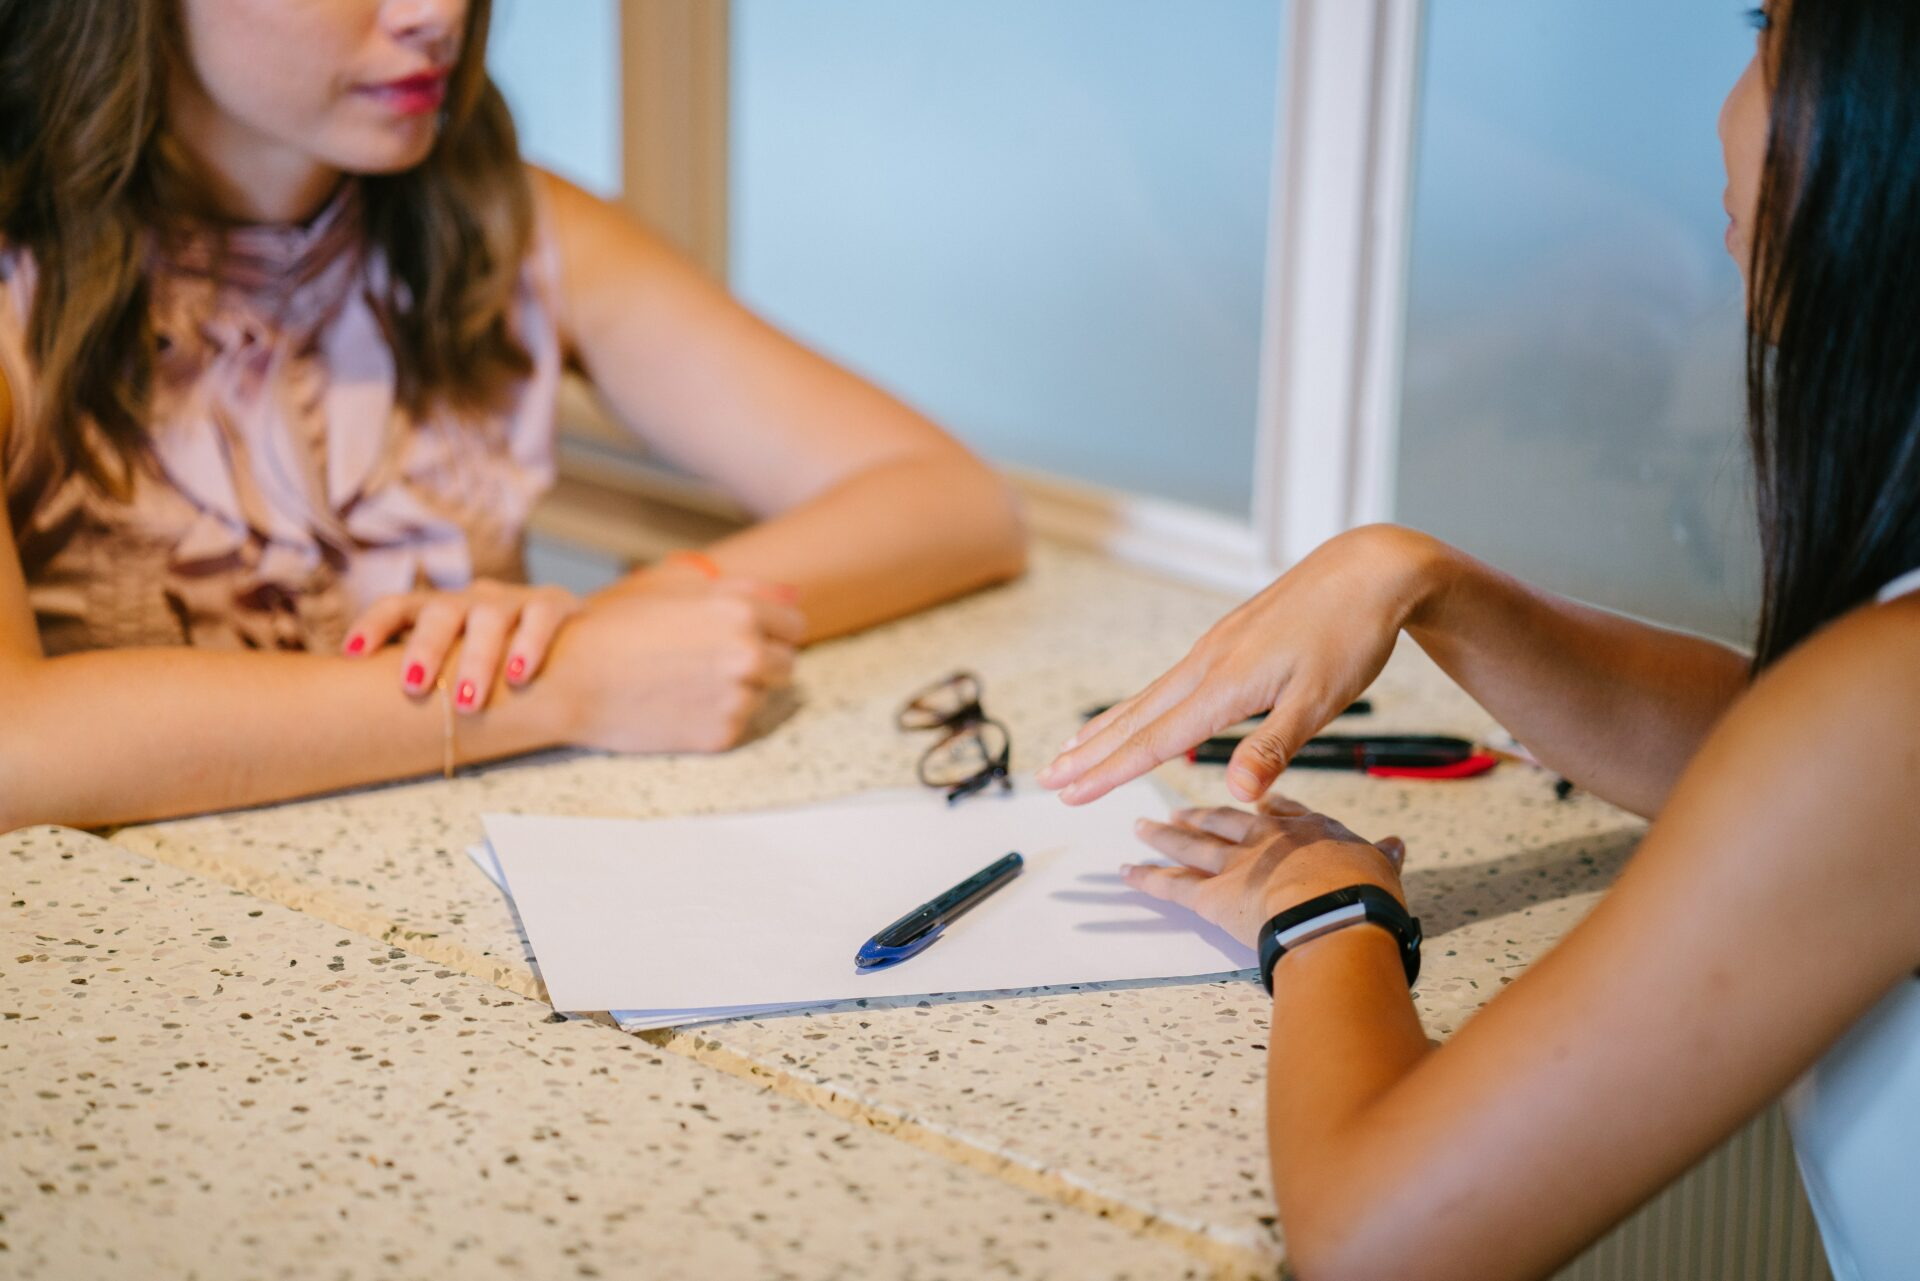 interview voorbereiden, interview afnemen, copywriting, redactie interview